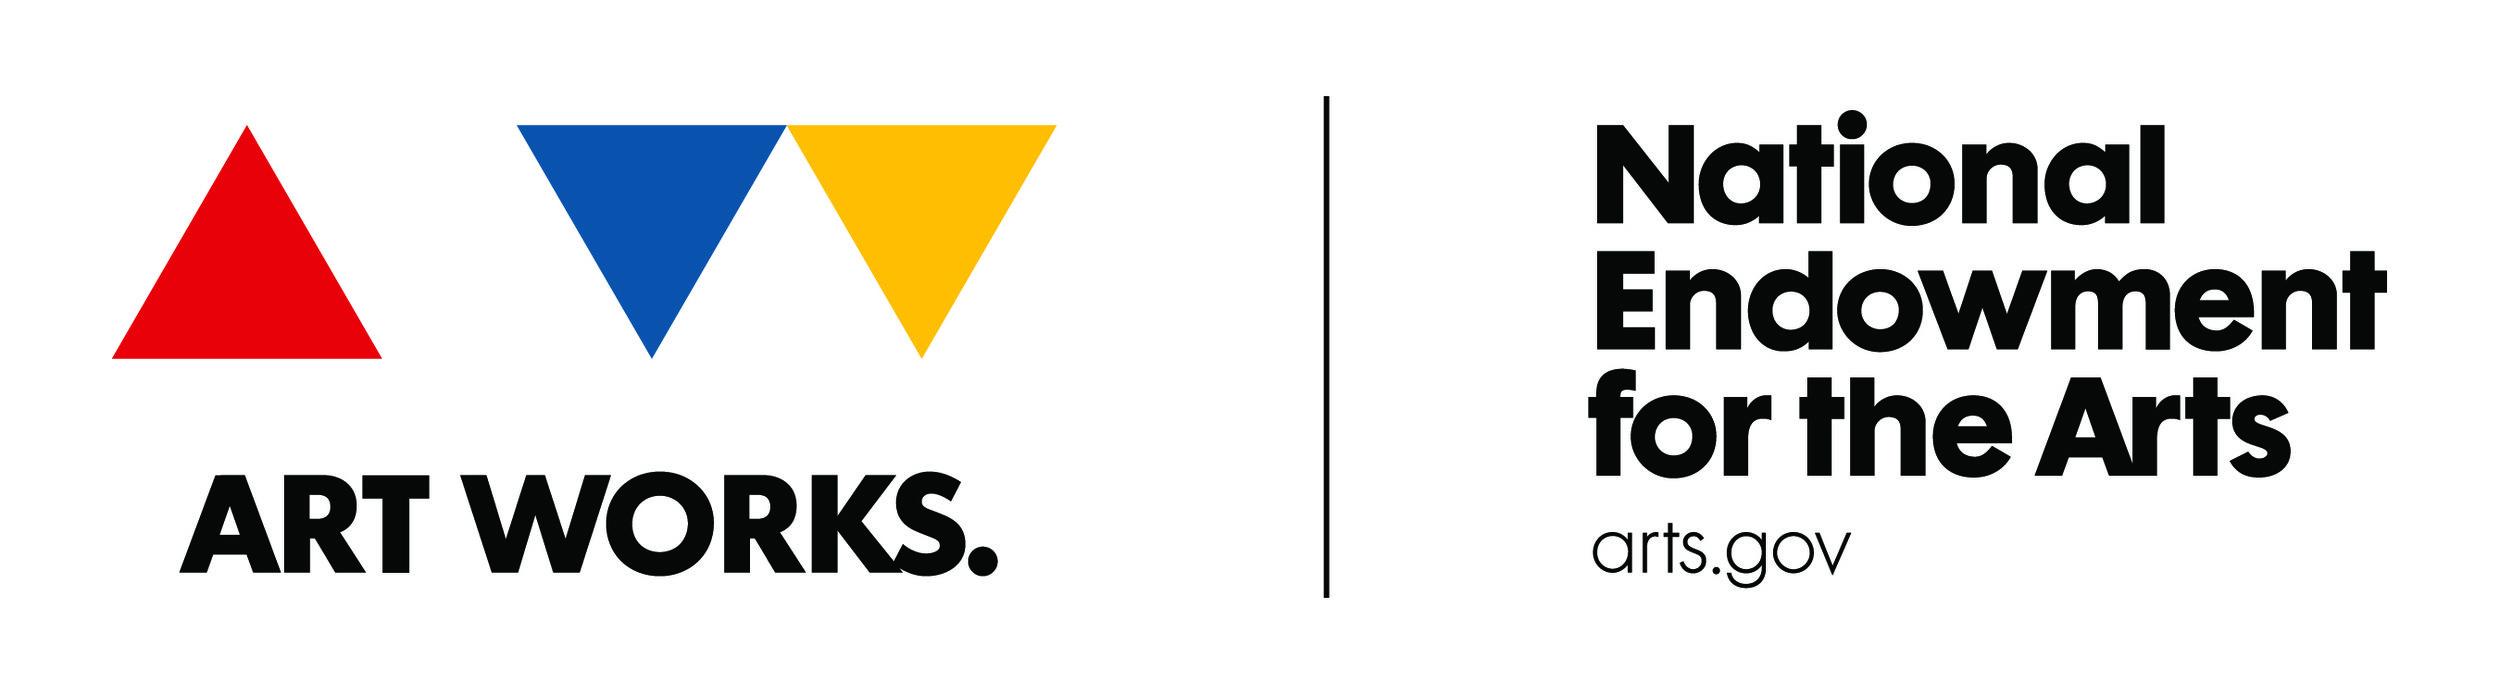 NEA Artswork logo.jpg